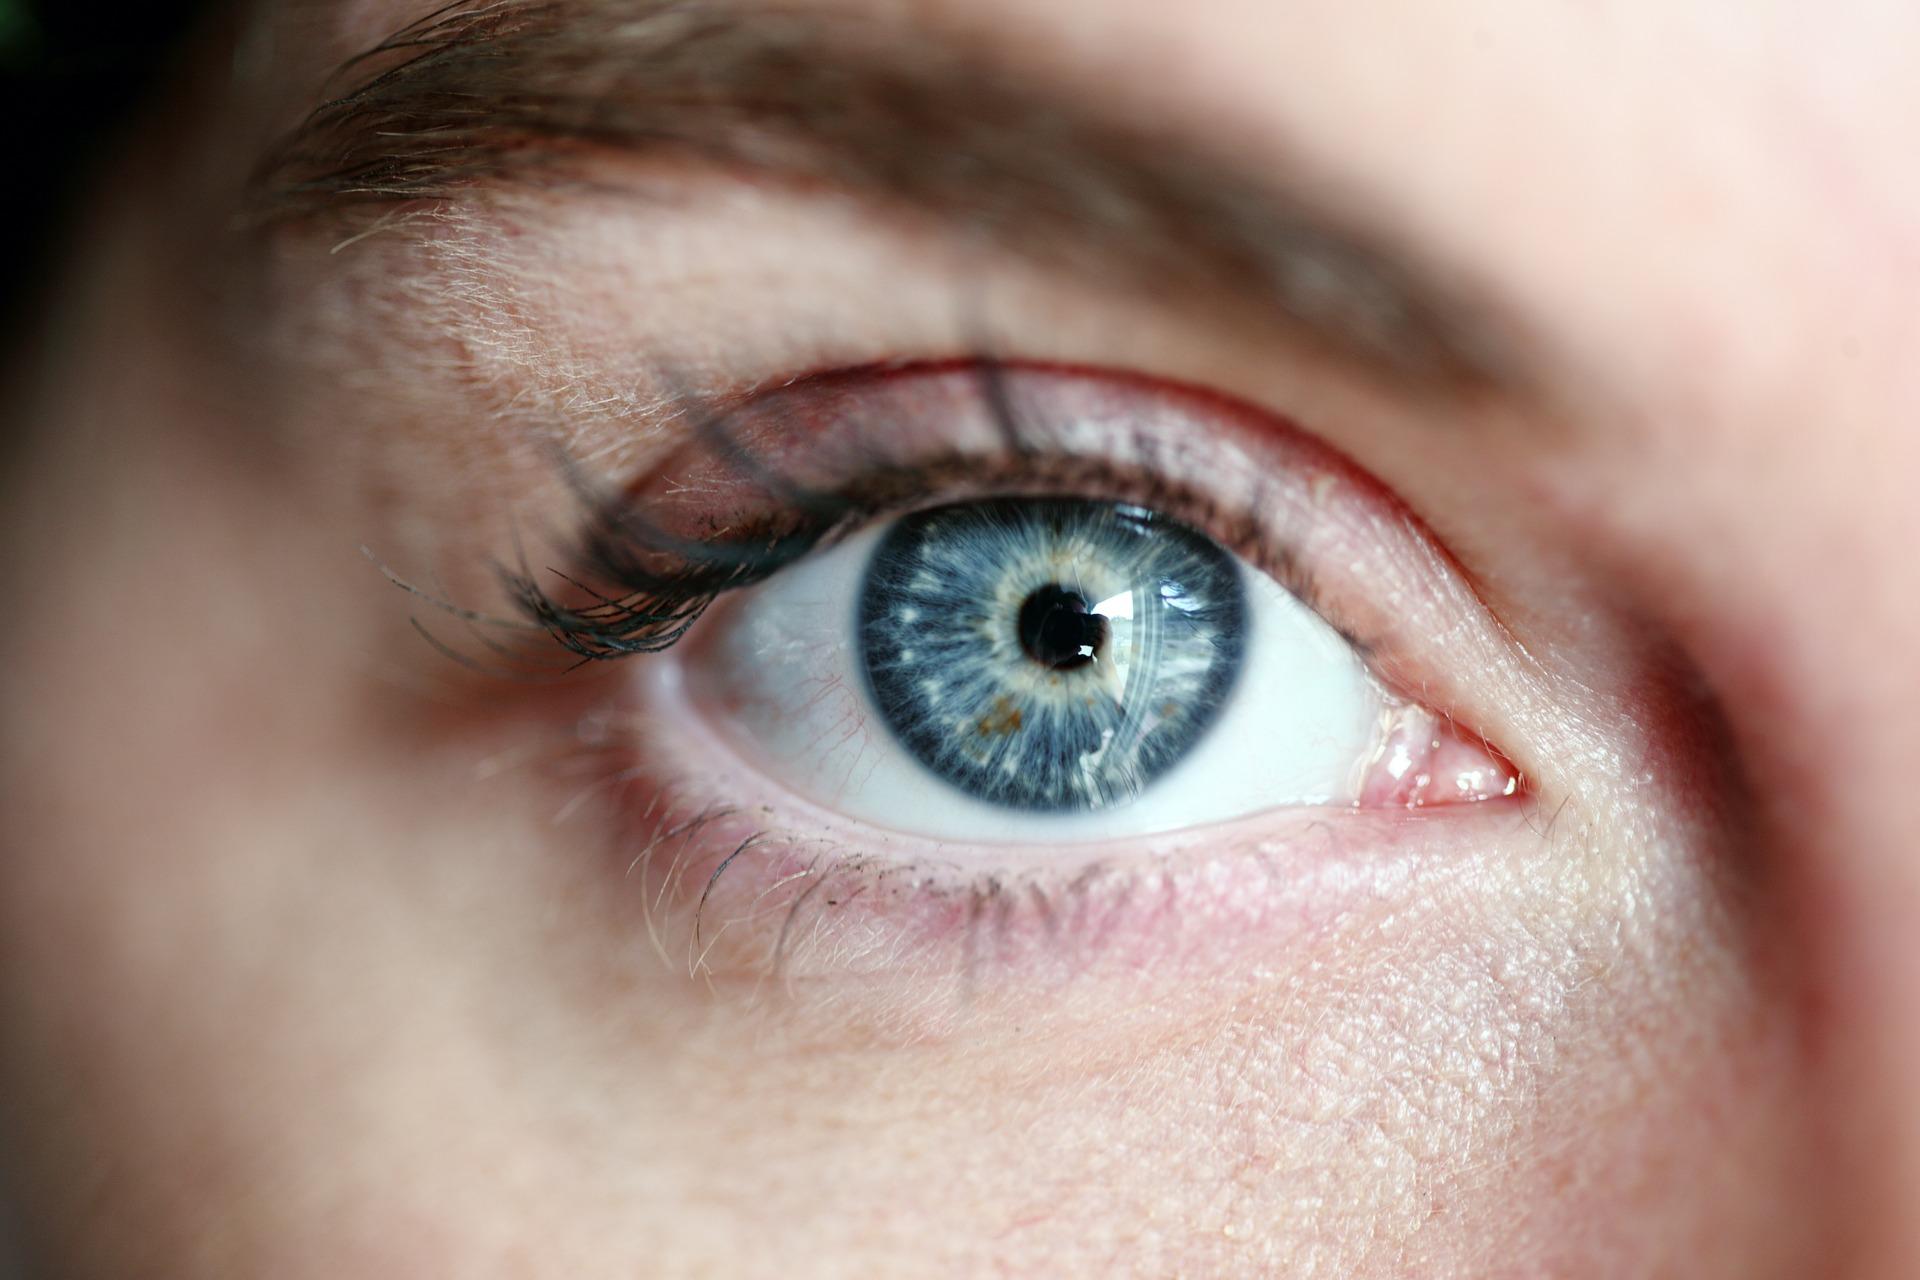 Les mosques volants als ulls: què són i com es poden tractar